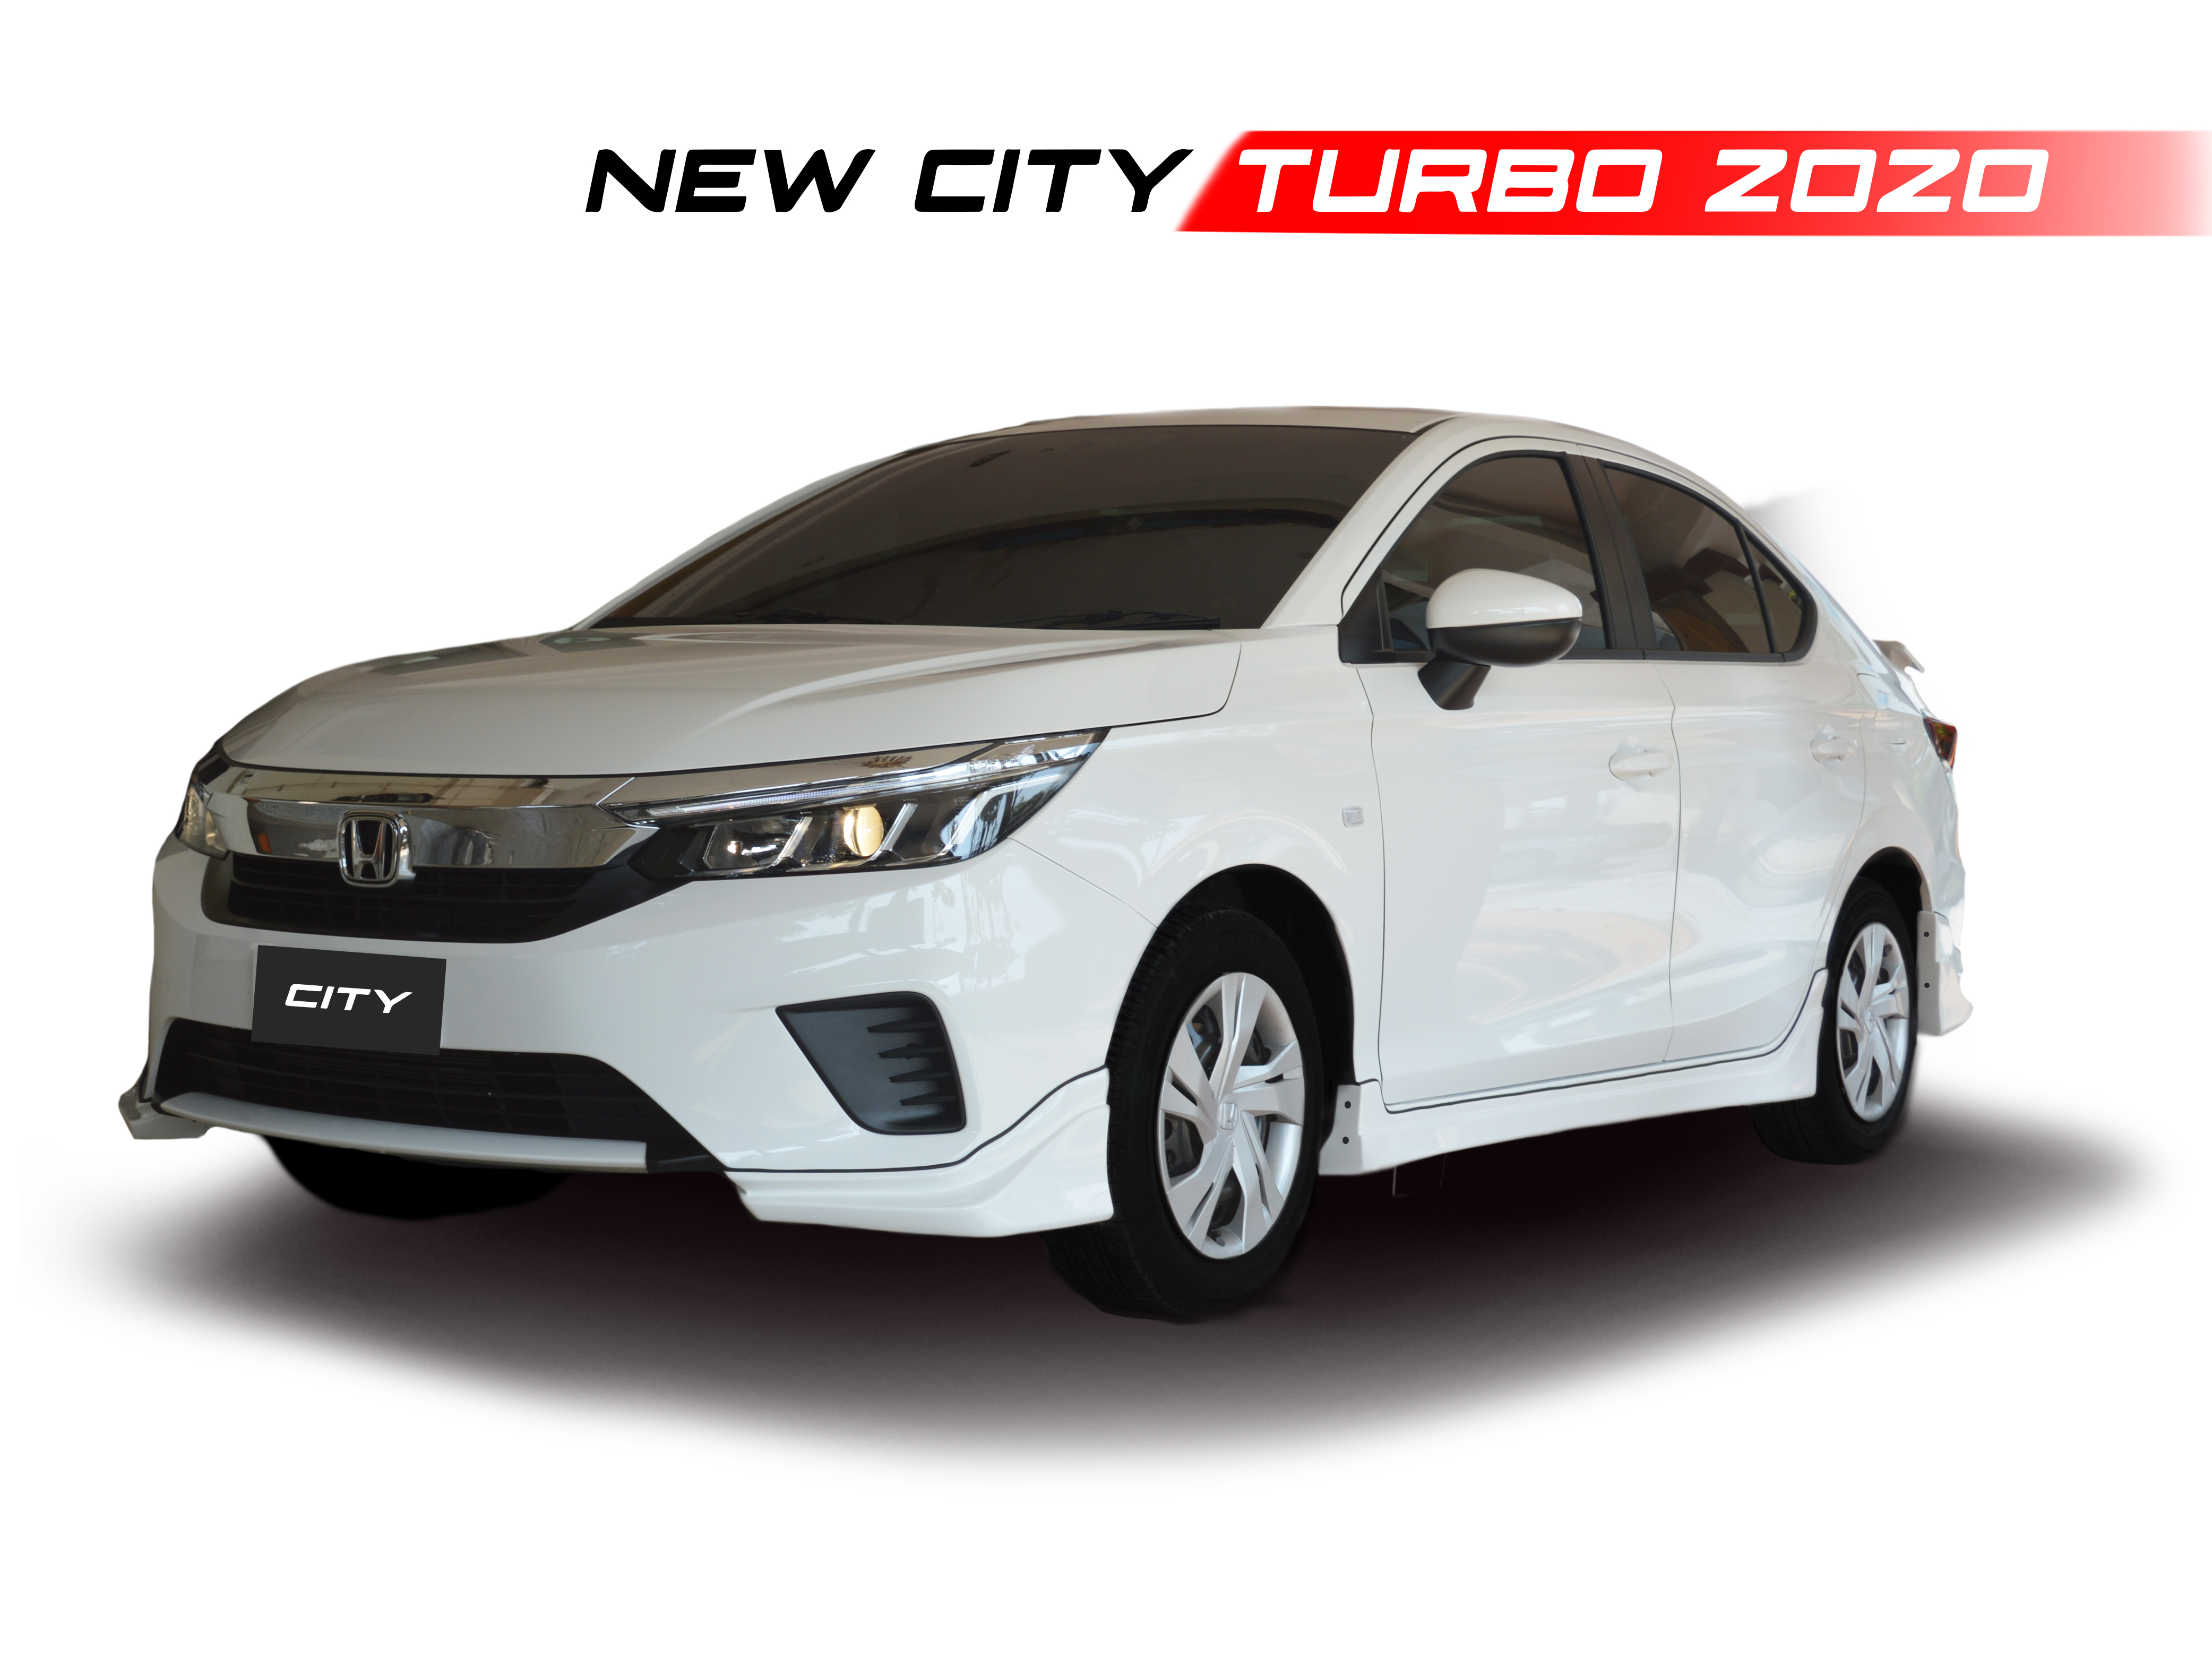 ชุดแต่ง NEW CITY TURBO 2020 (ทรงศูนย์)